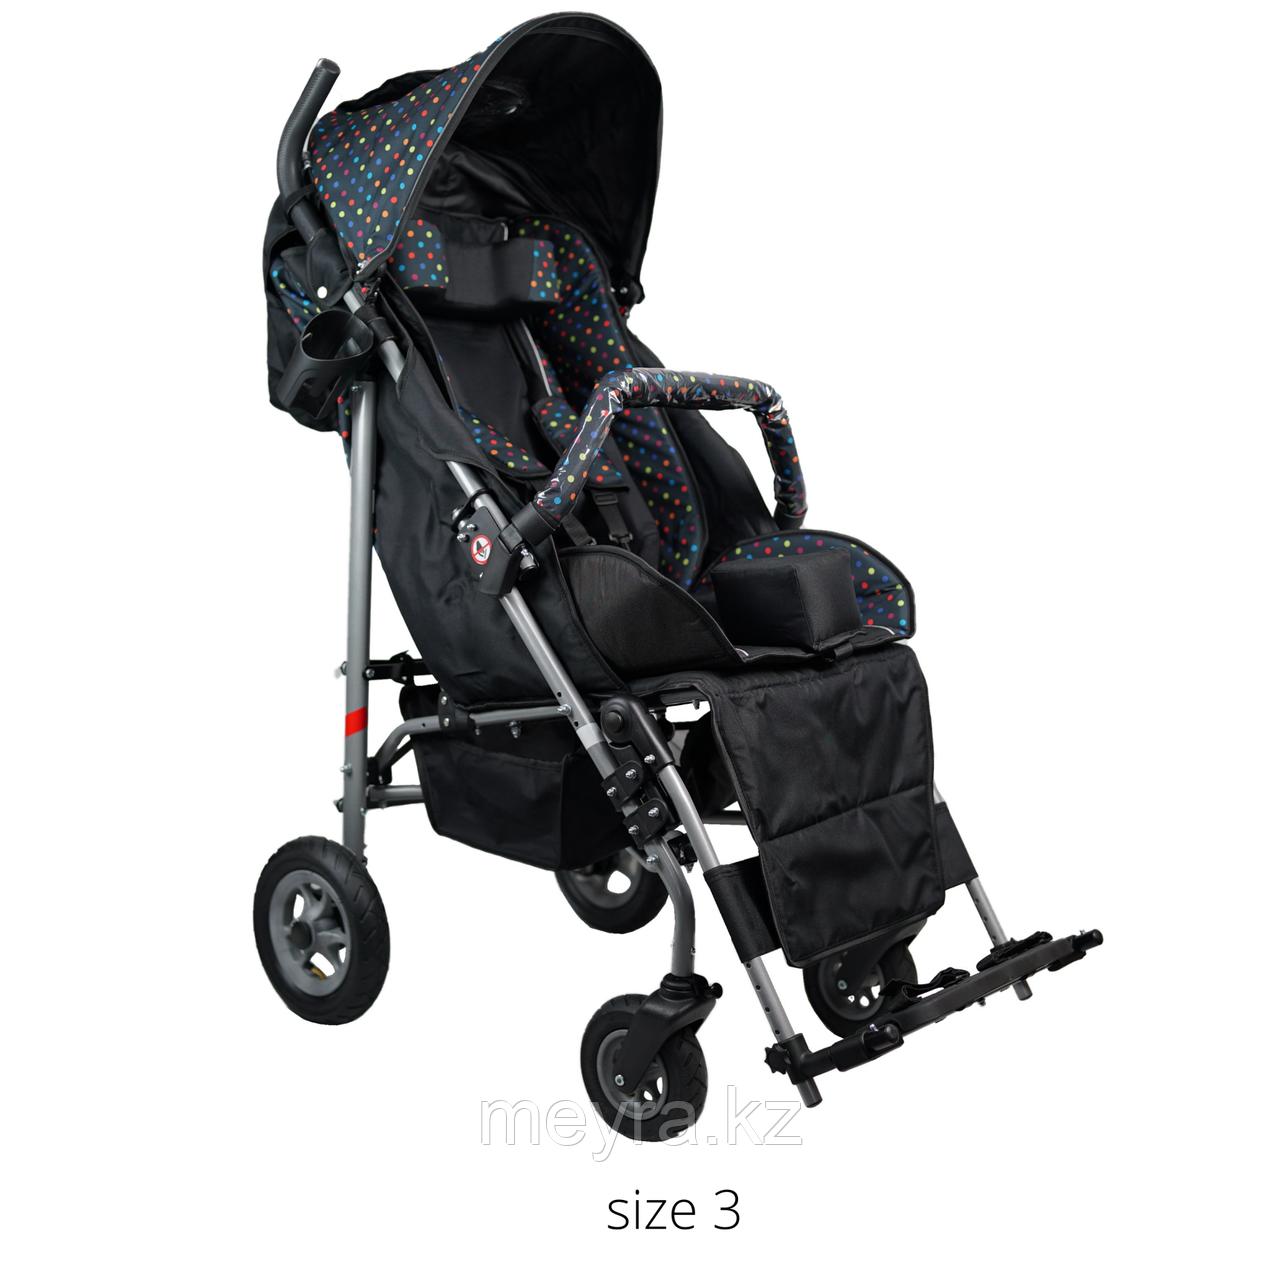 Детская инвалидная кресло-коляска ДЦП UMBRELLA, размер 3, комнатная